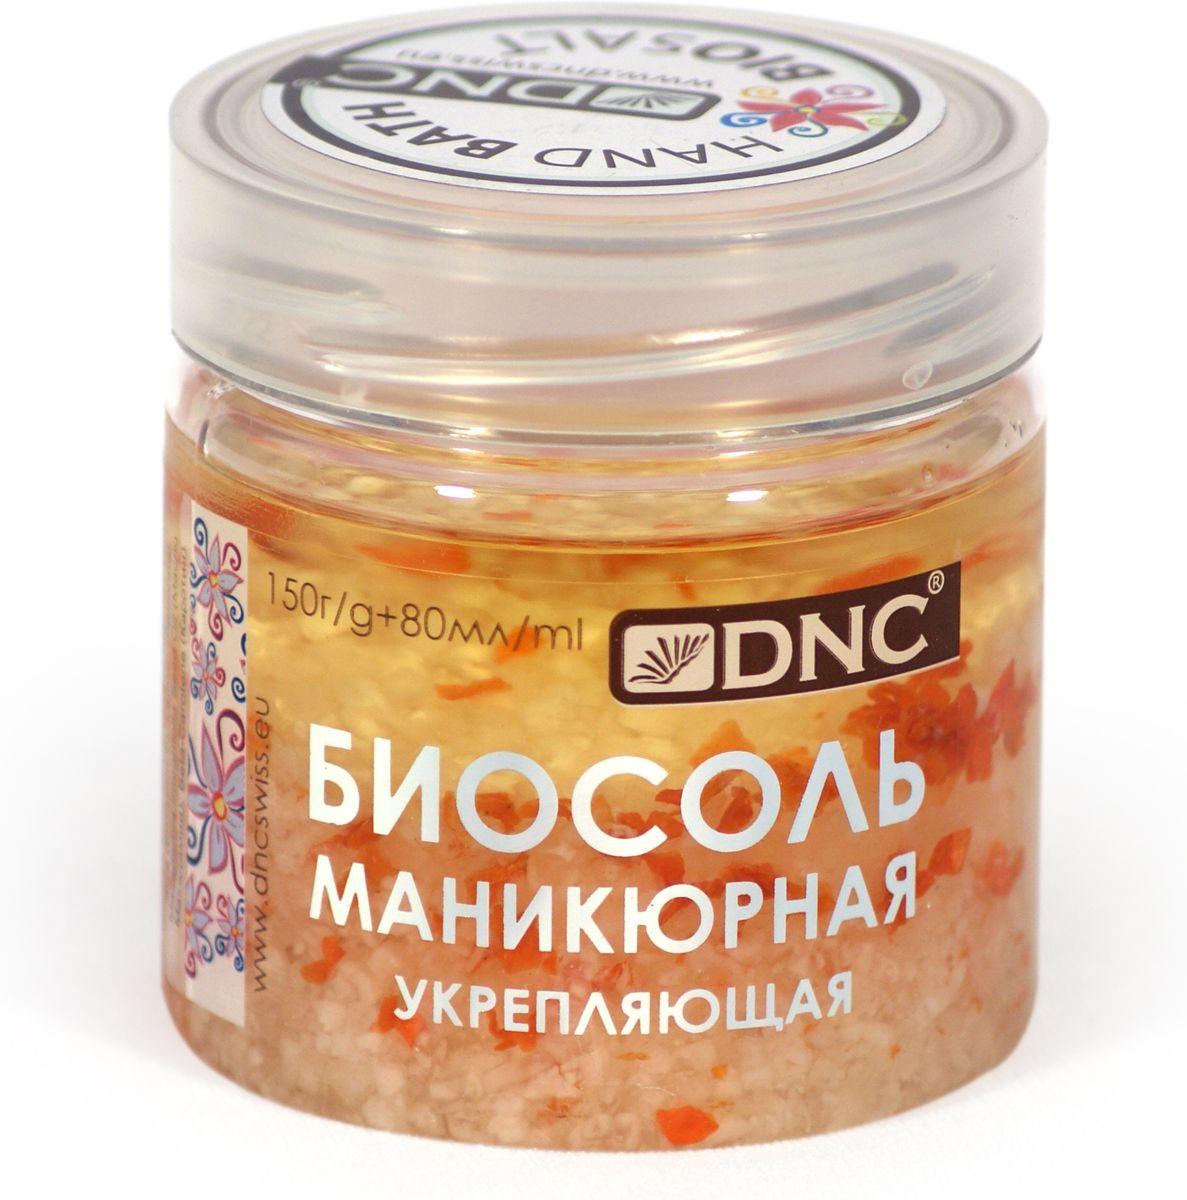 Биосоль маникюрная DNC, укрепляющая, 150 г + 80 млWS 7064Уникальное сочетание масляного комплекса и морской соли с растительными компонентами. Содержит кокосовое масло и витамин F, насыщающие ногти необходимыми питательными веществами. Также в состав комплекса входят норковое масло и ланолин, которые укрепляют ногти и восстанавливают их структуру. Содержимого хватит примерно на 30 ванночек для рук.